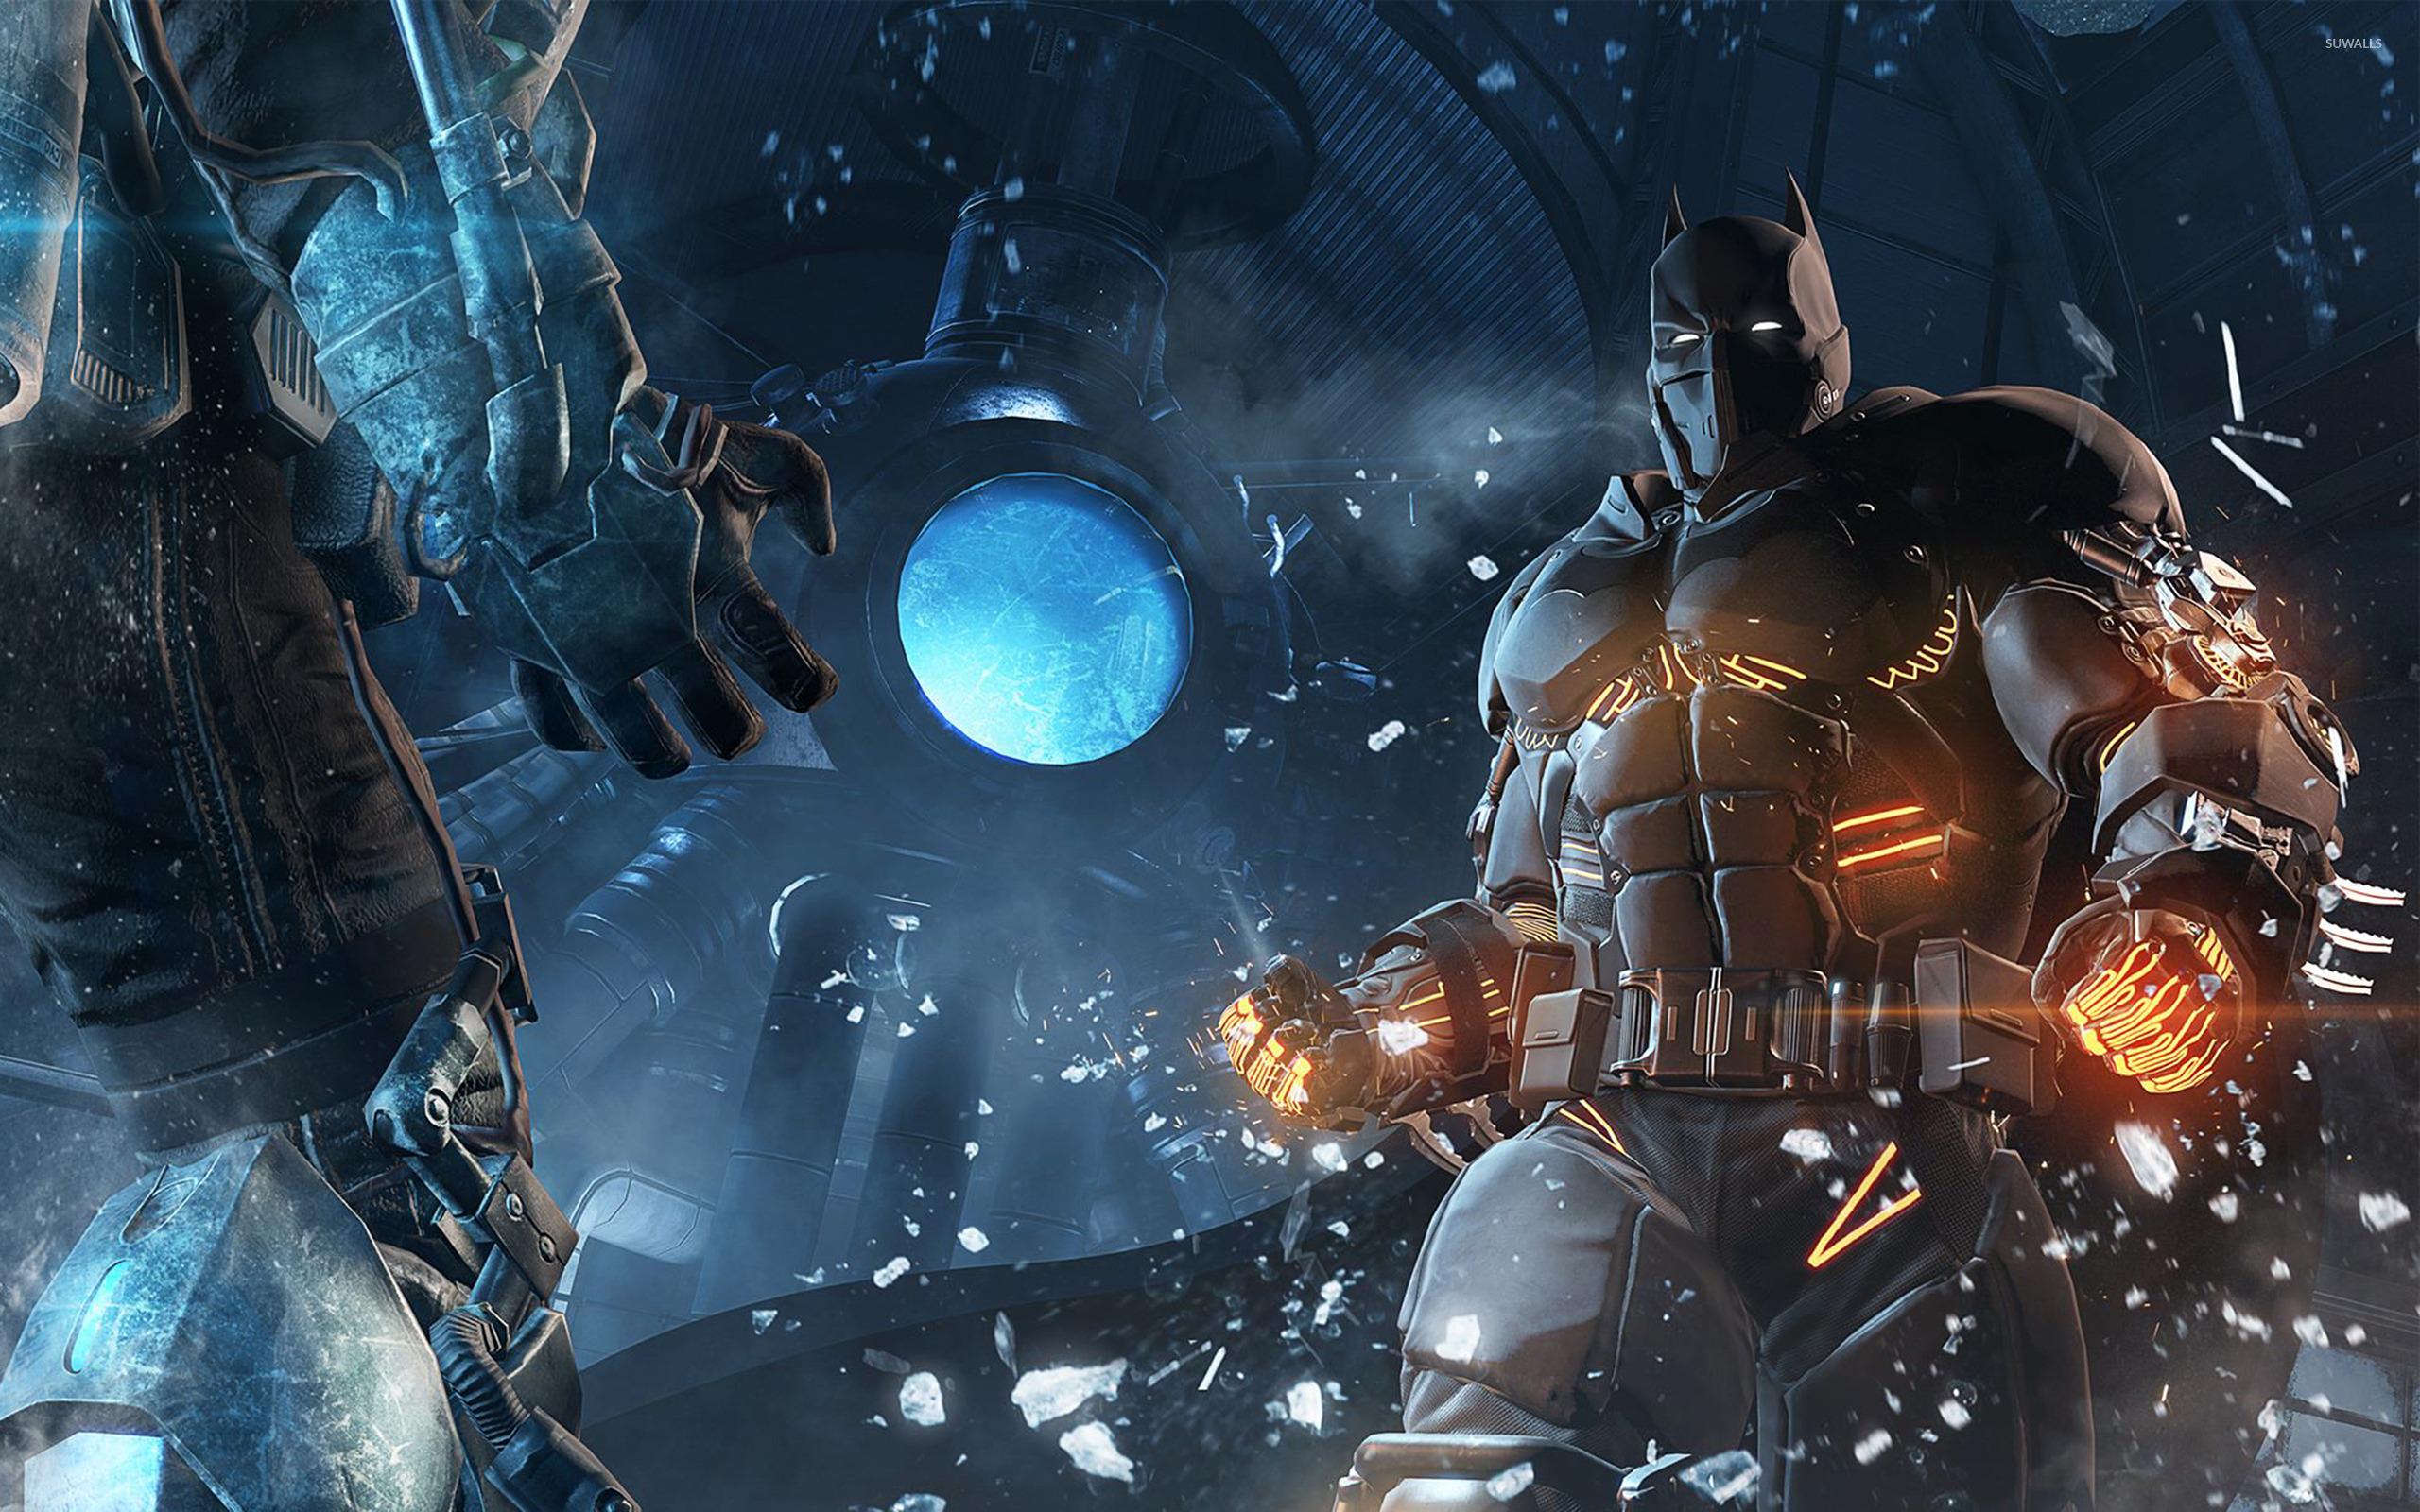 Batman Arkham Origins Wallpaper: Batman Arkham Origins Wallpapers